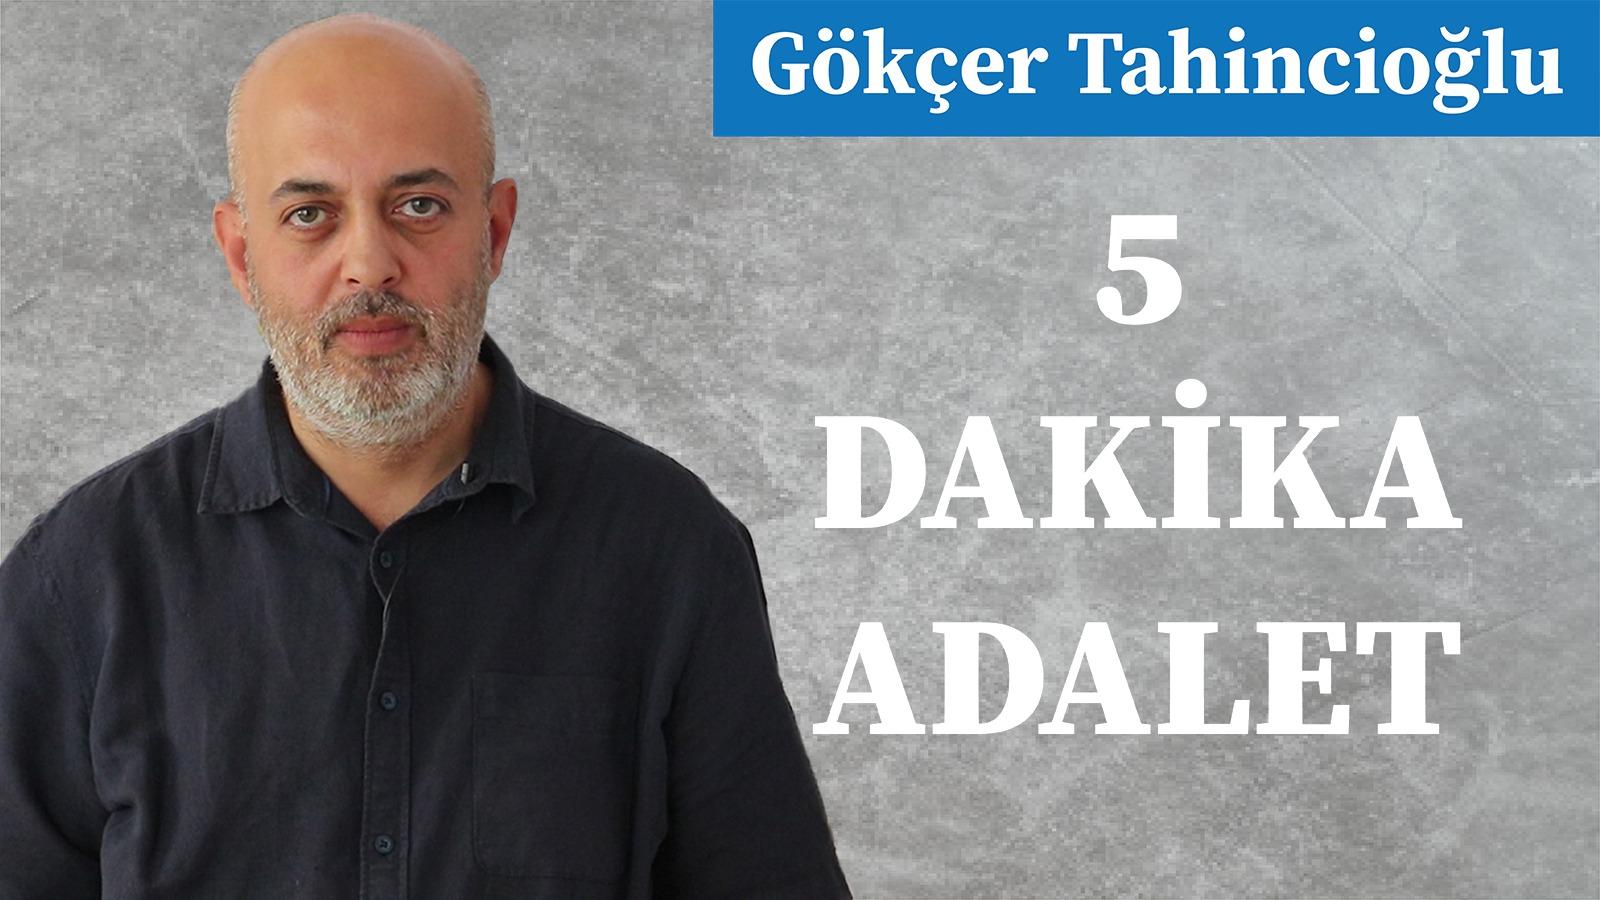 5 Dakika Adalet: TBMM'ye gelecek infaz paketi ifade özgürlüğünü kapsamıyor